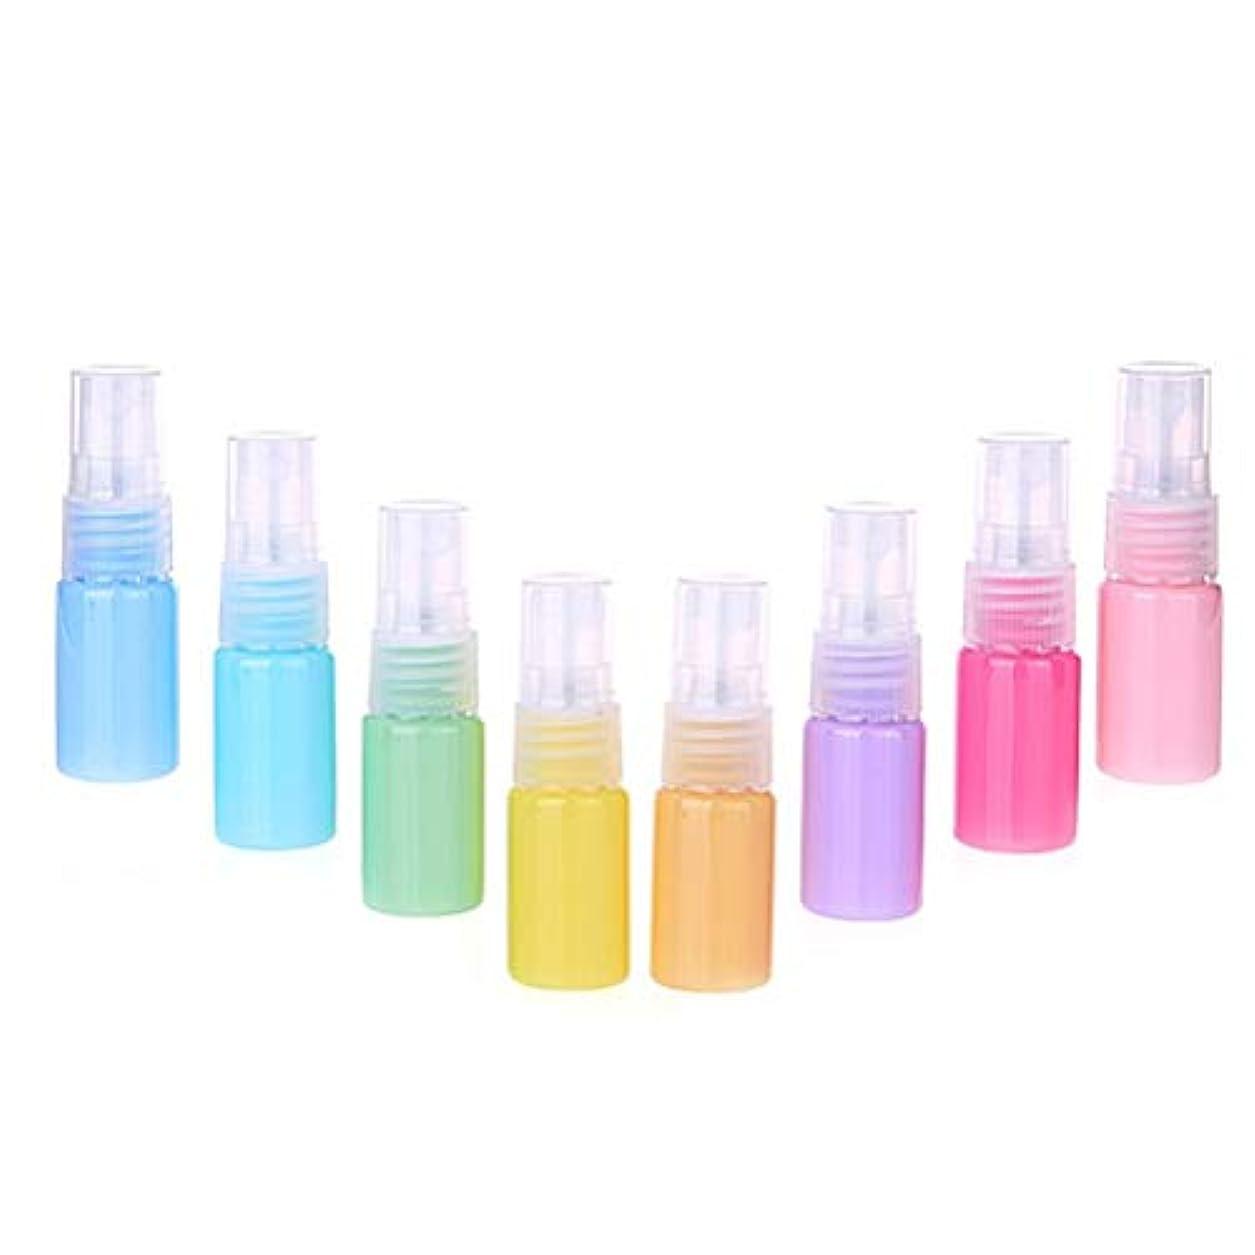 悲しむいう超えるFrcolor 8ピース 10ml スプレー空ボトル カラフルな 収納ボトル 耐久性 化粧水 旅行アクセサリー (混合色)